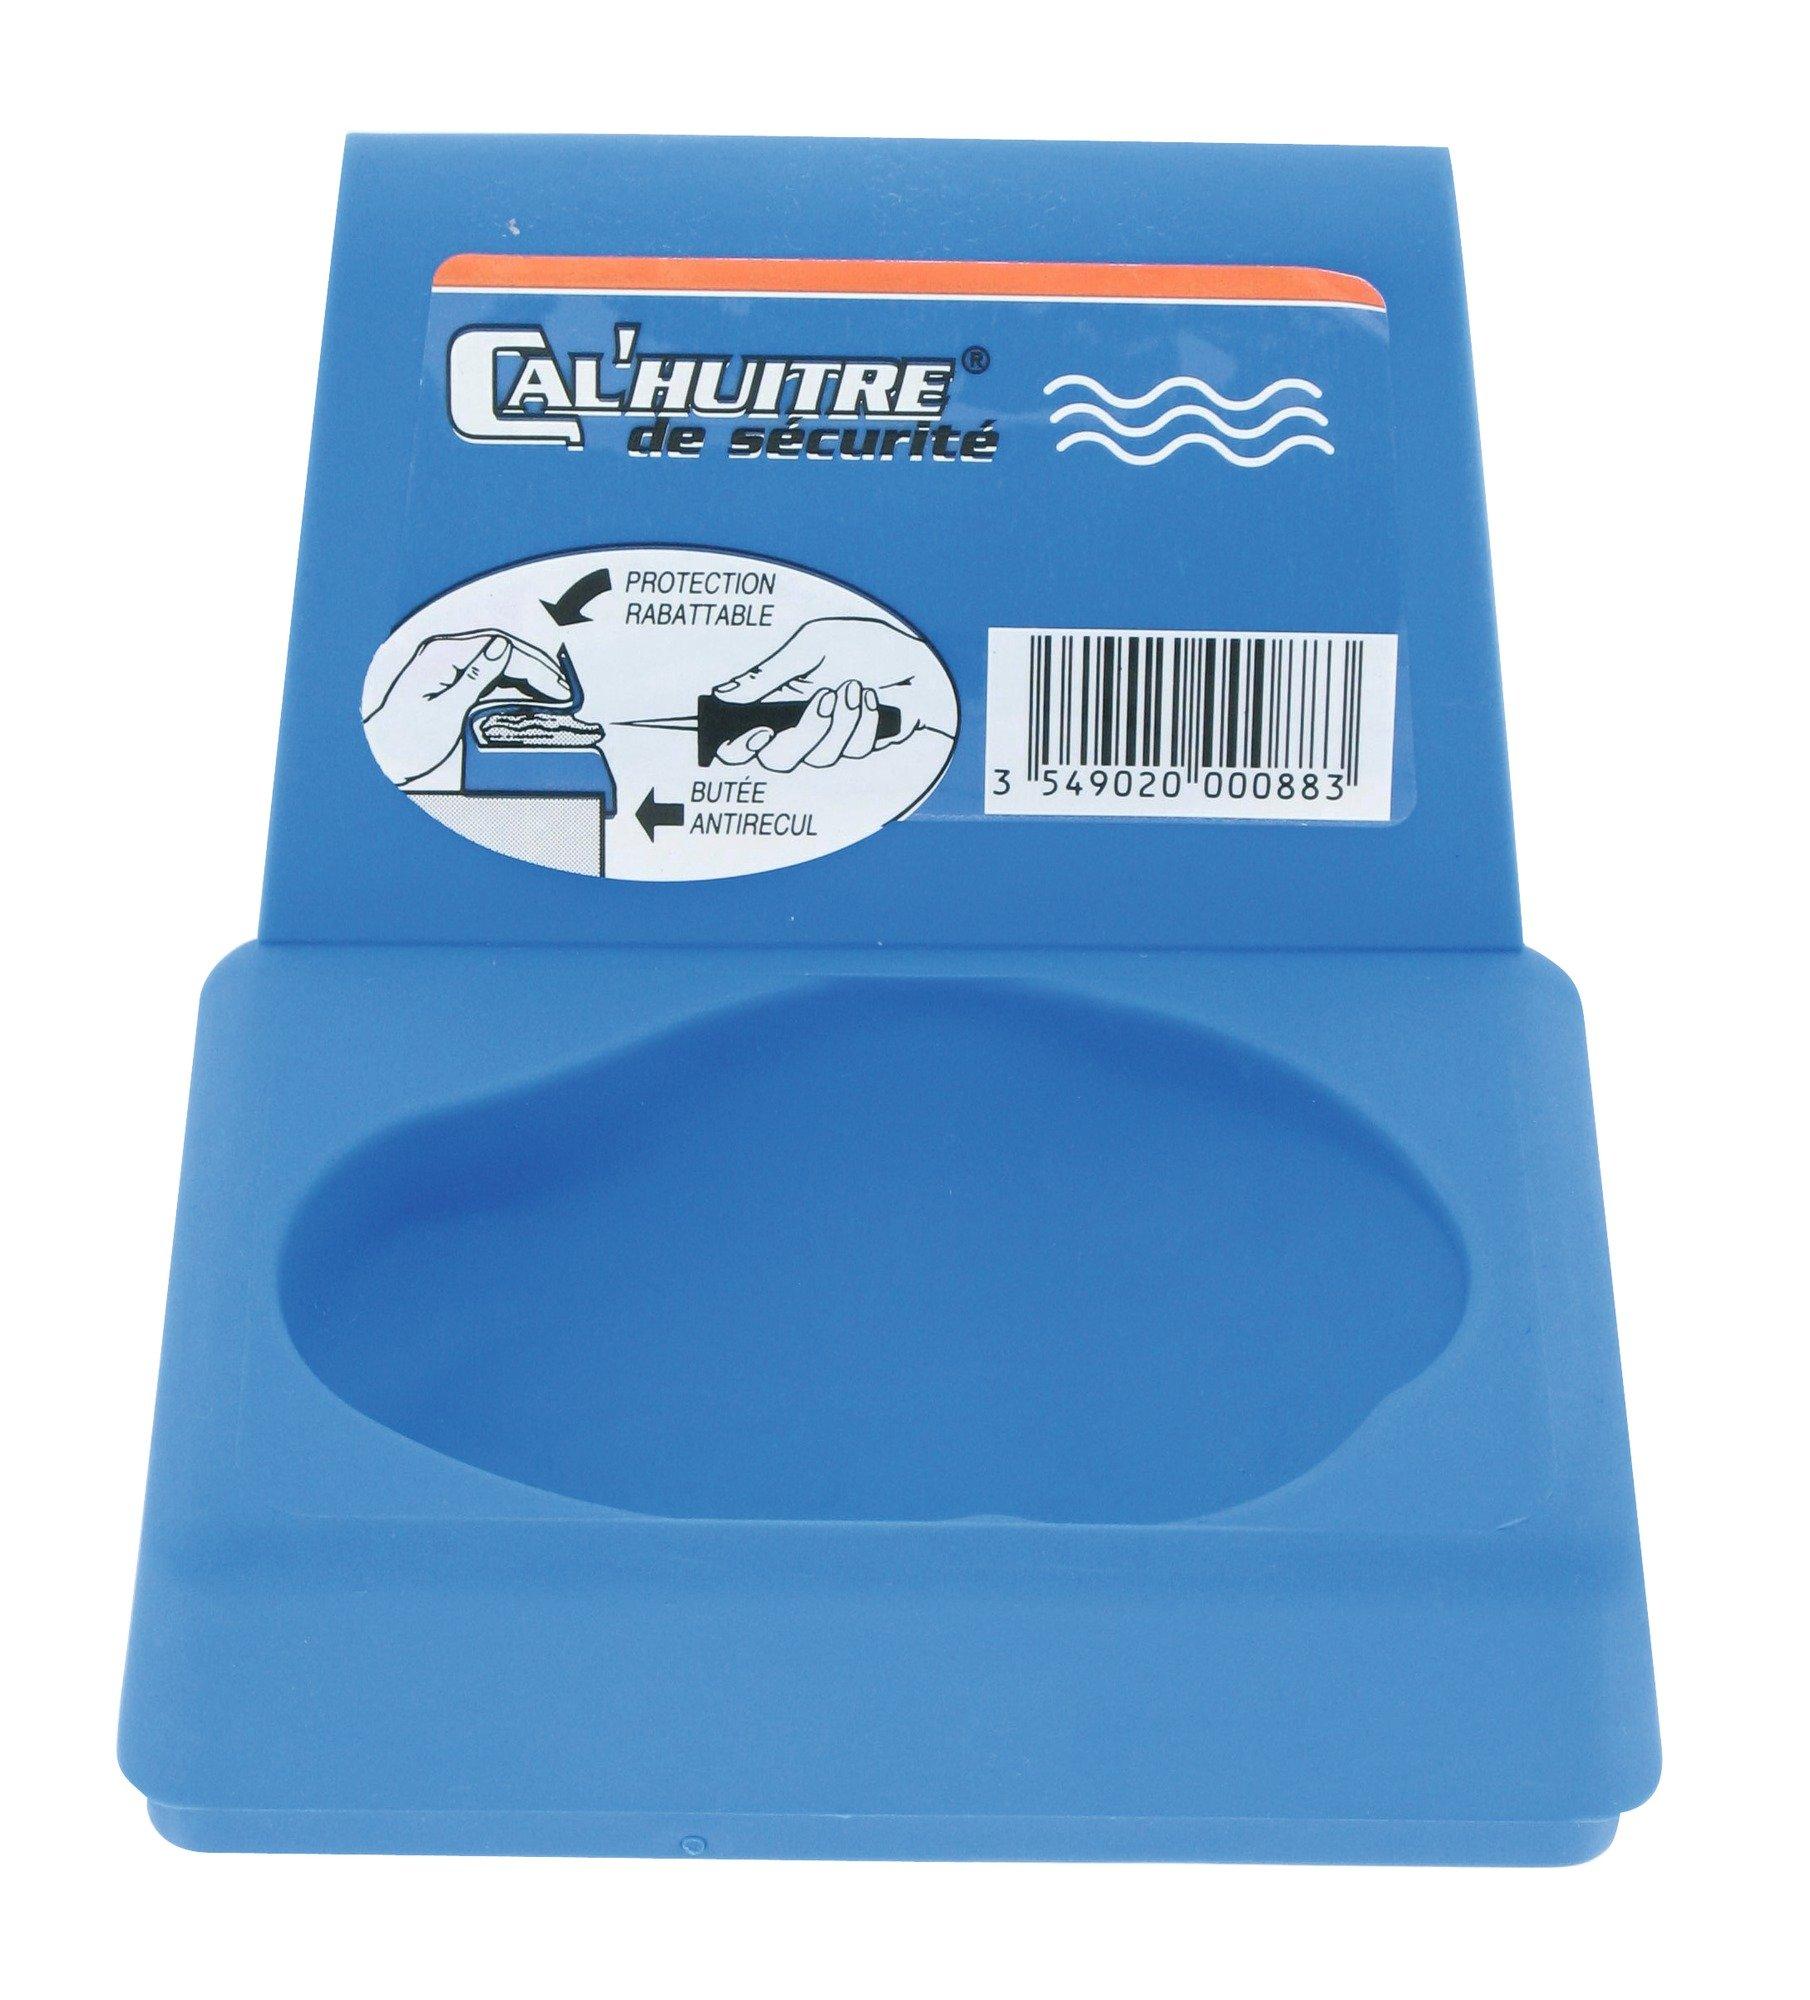 Patisse Cal'huître de sécurité product image